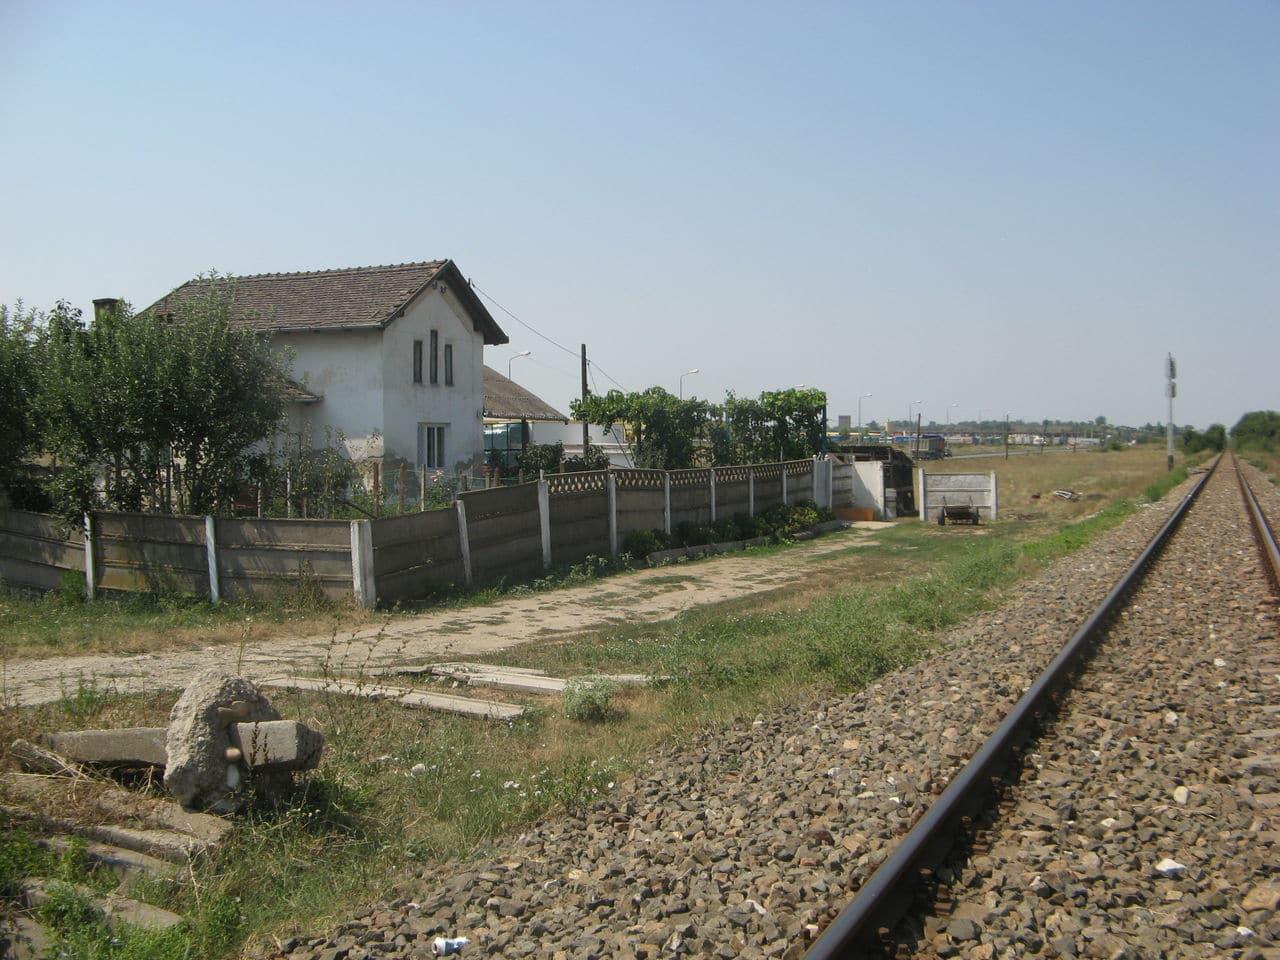 Calea ferată directă Oradea Vest - Episcopia Bihor IMG_0064